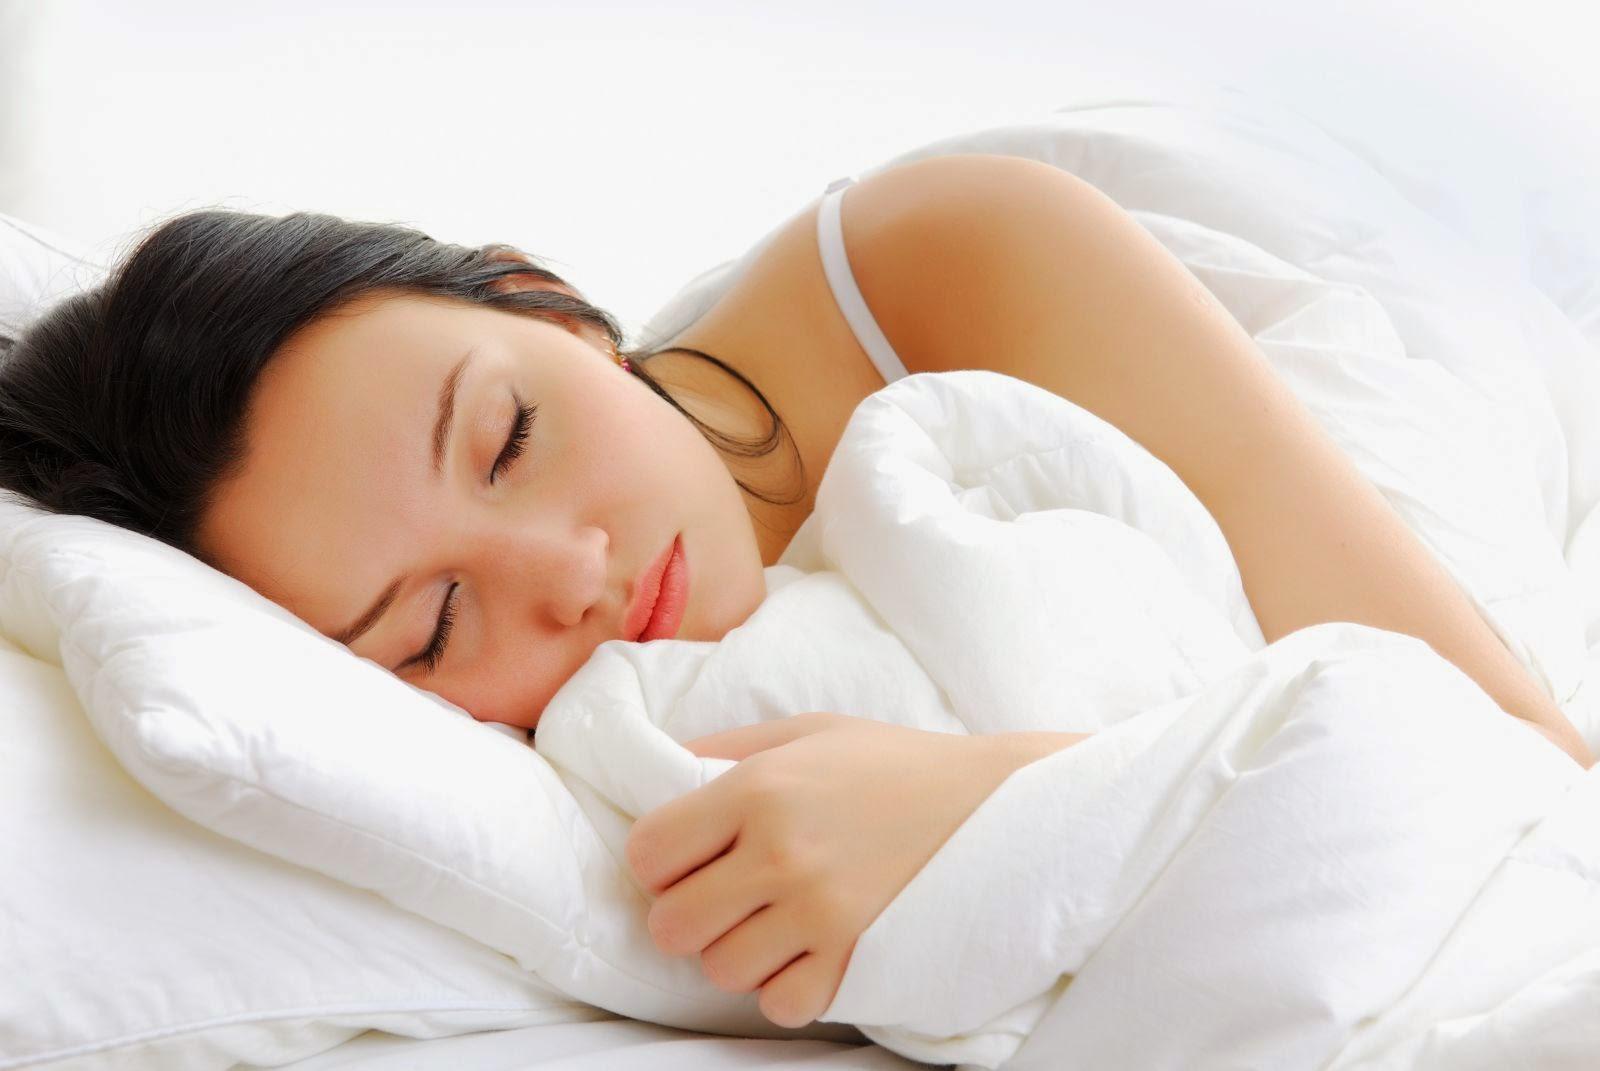 Nghỉ ngơi ở nhà nhiều hơn, giúp cơ thể lấy lại năng lượng